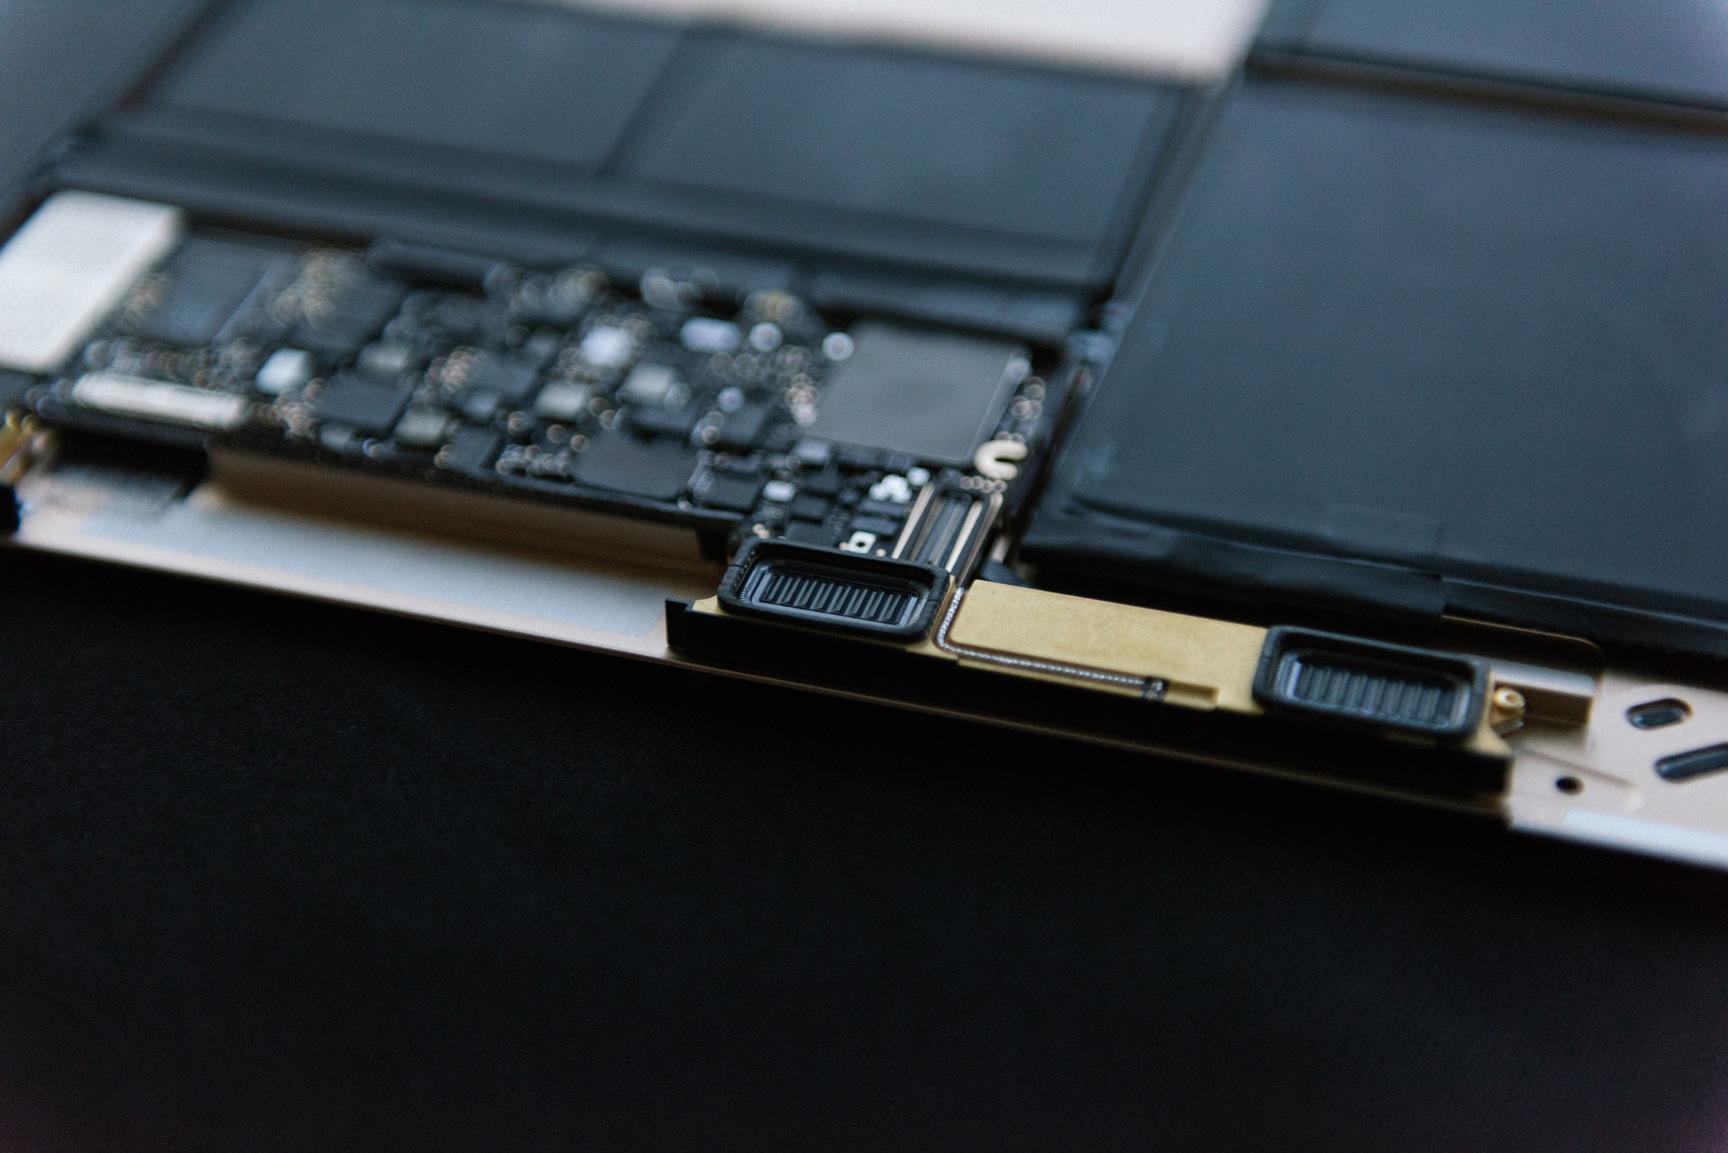 Antena (Wi-Fi e Bluetooth) e alto-falante do novo MacBook